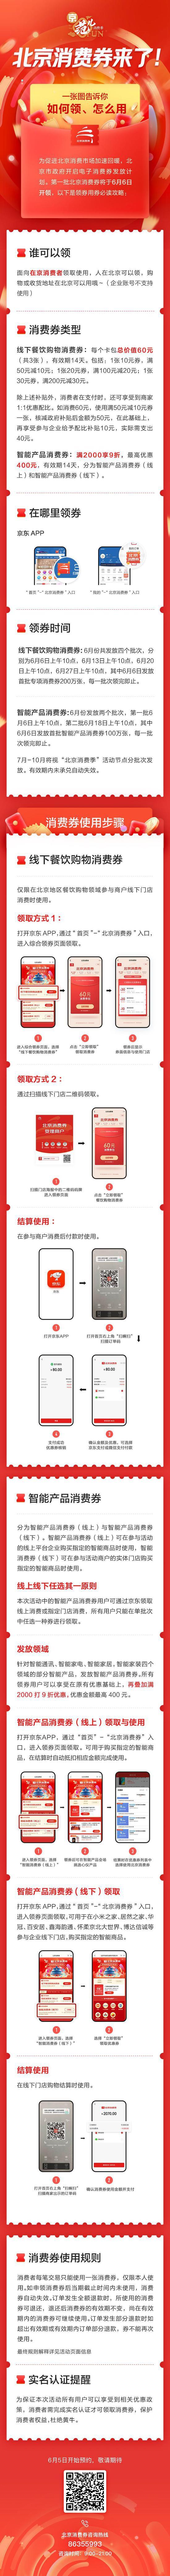 【蓝冠】6日起北京将发放122亿蓝冠图片